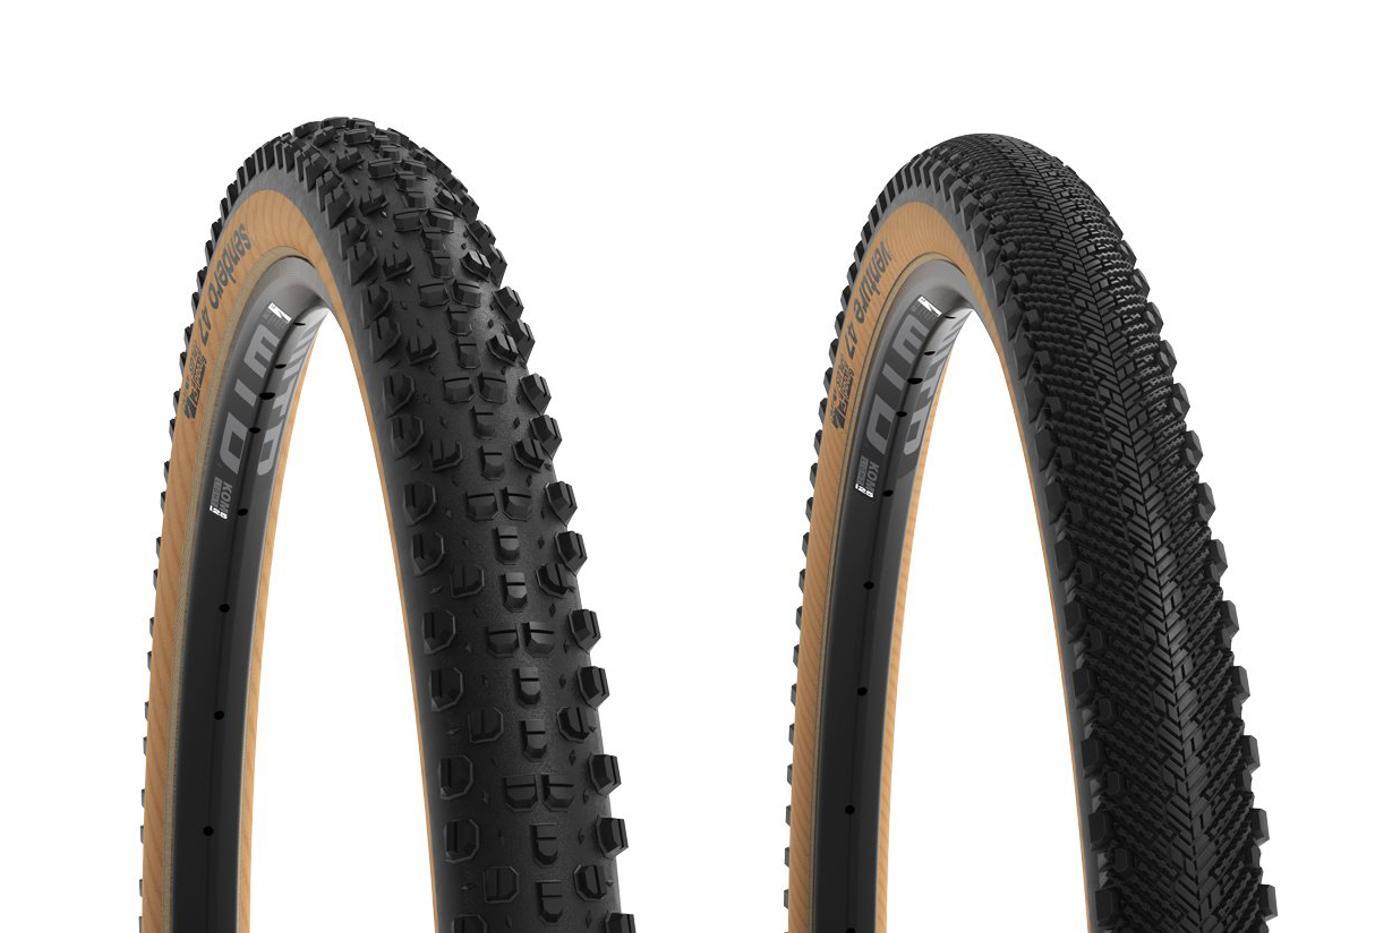 WTB Launches Sendero and Venture Road Plus Tires